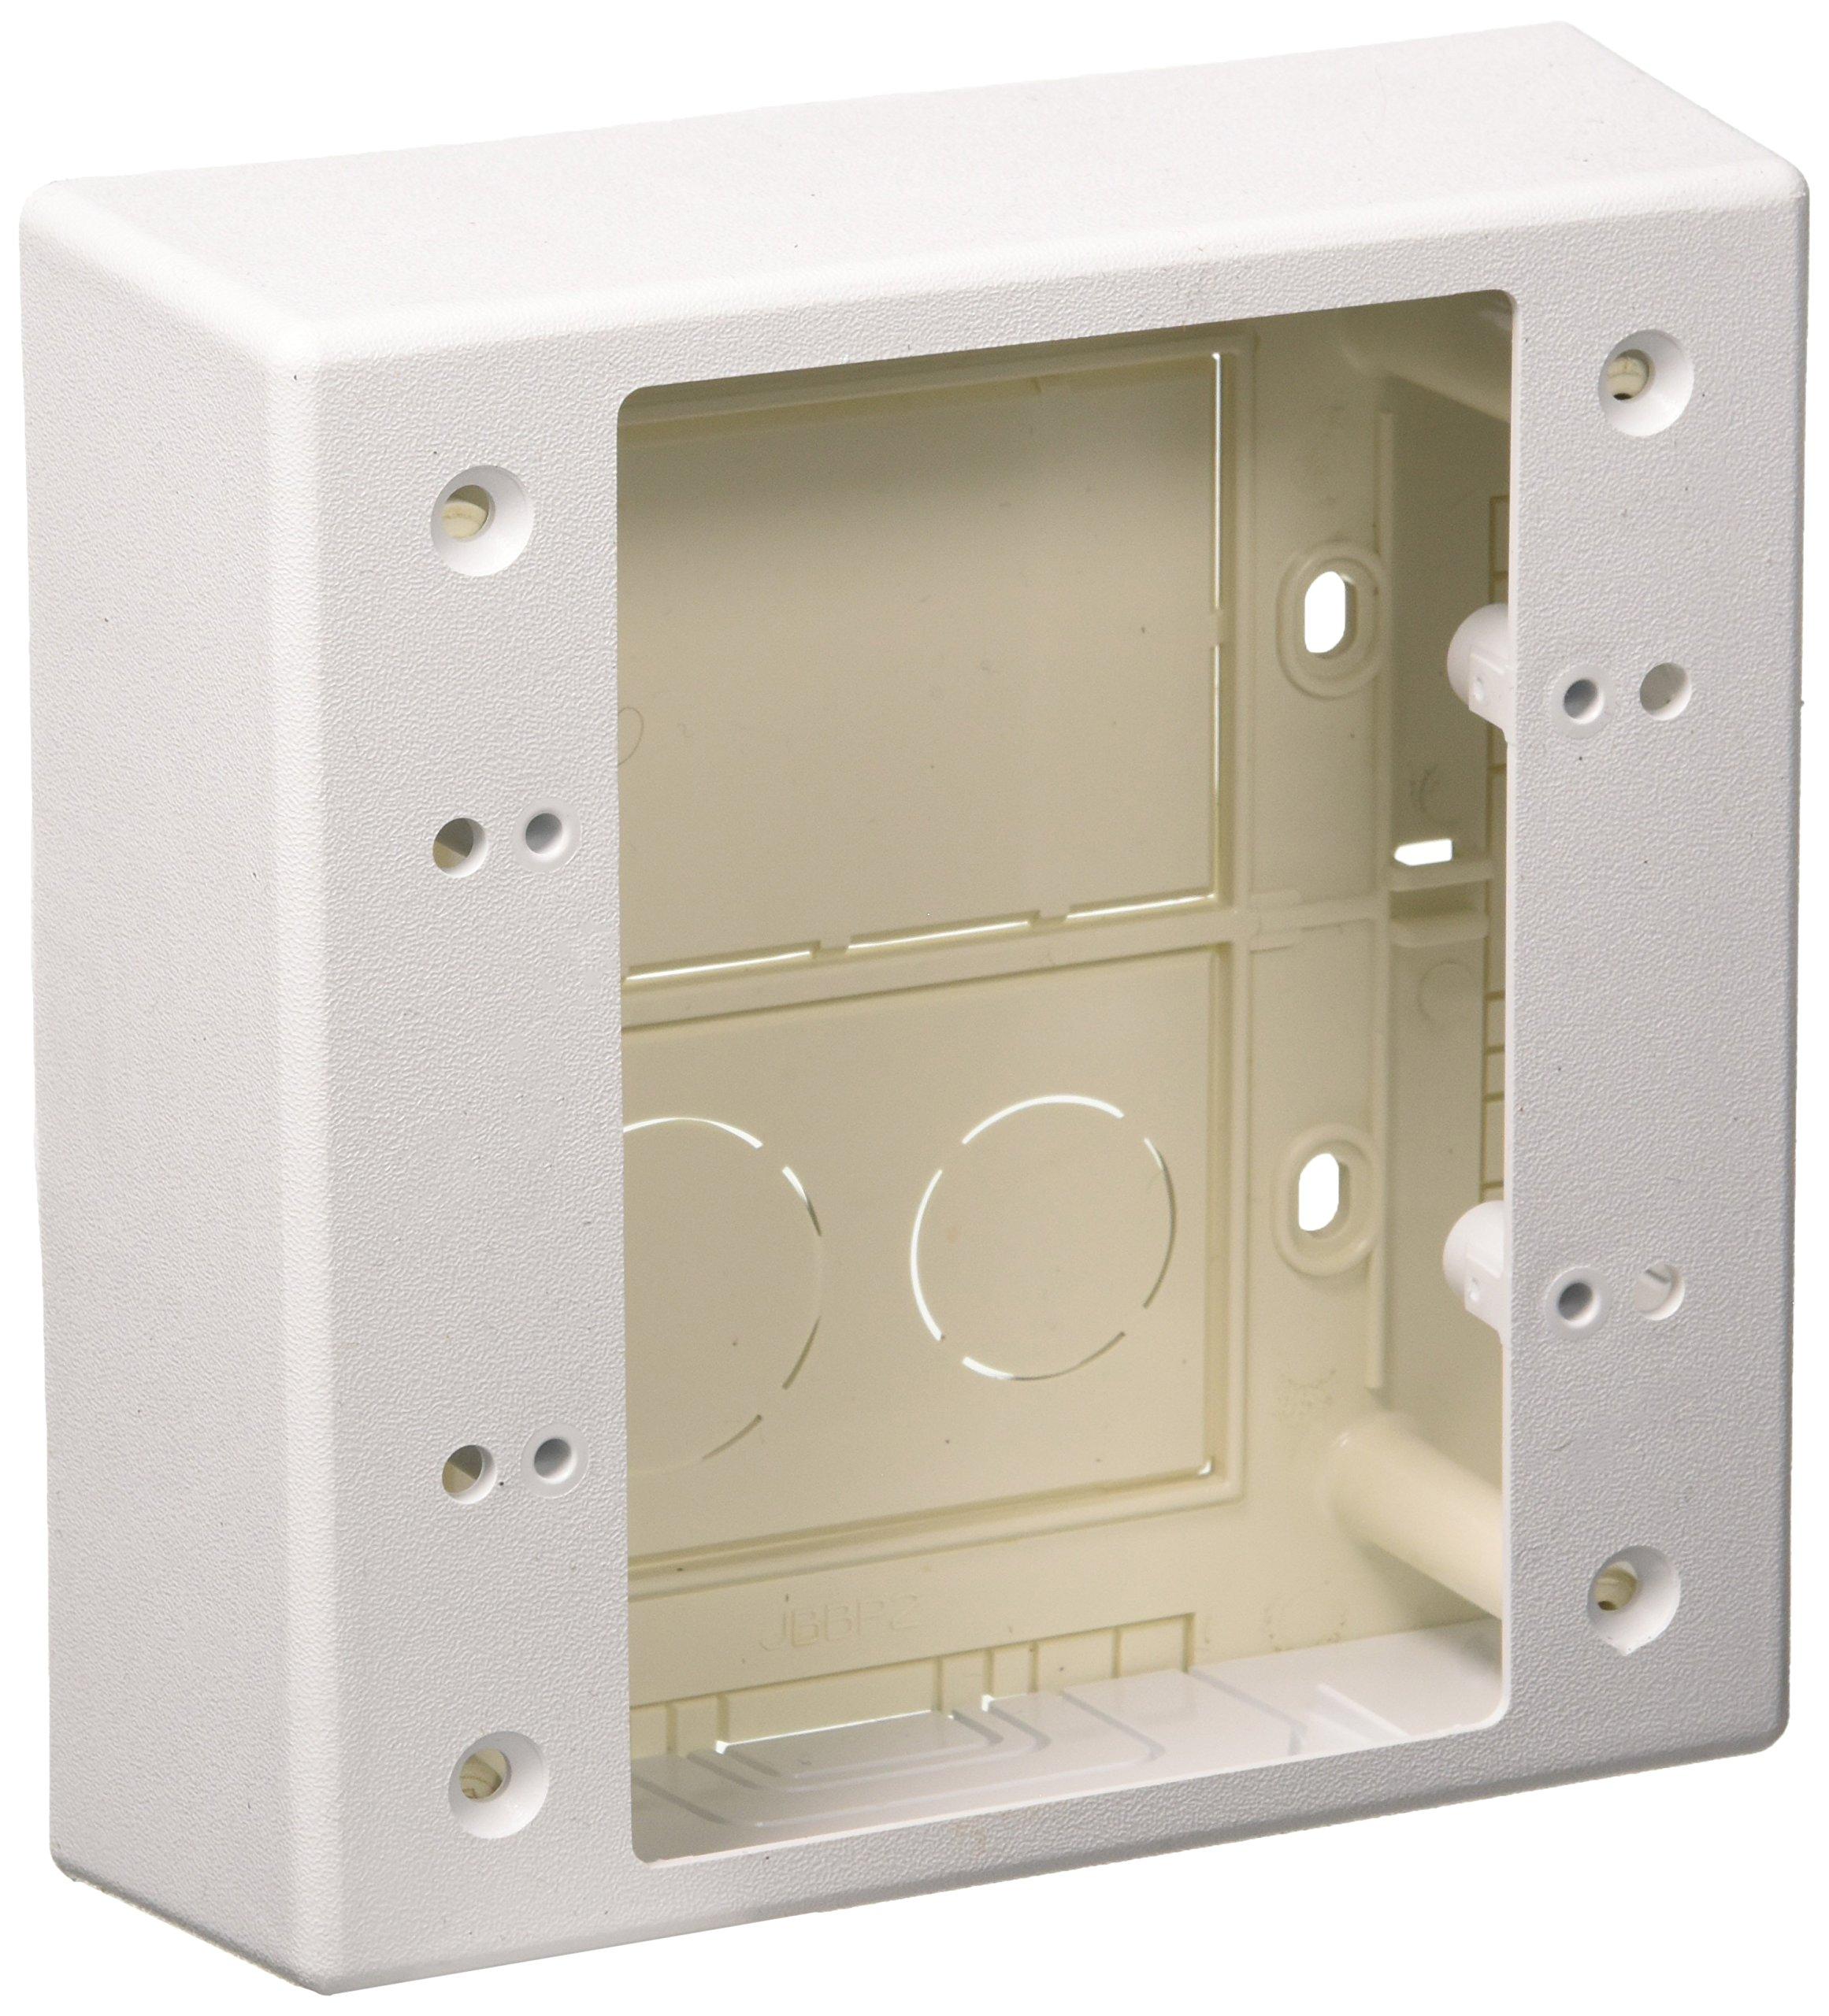 Panduit JBP2WH 2-Gang Outlet Box, White, 2-Piece